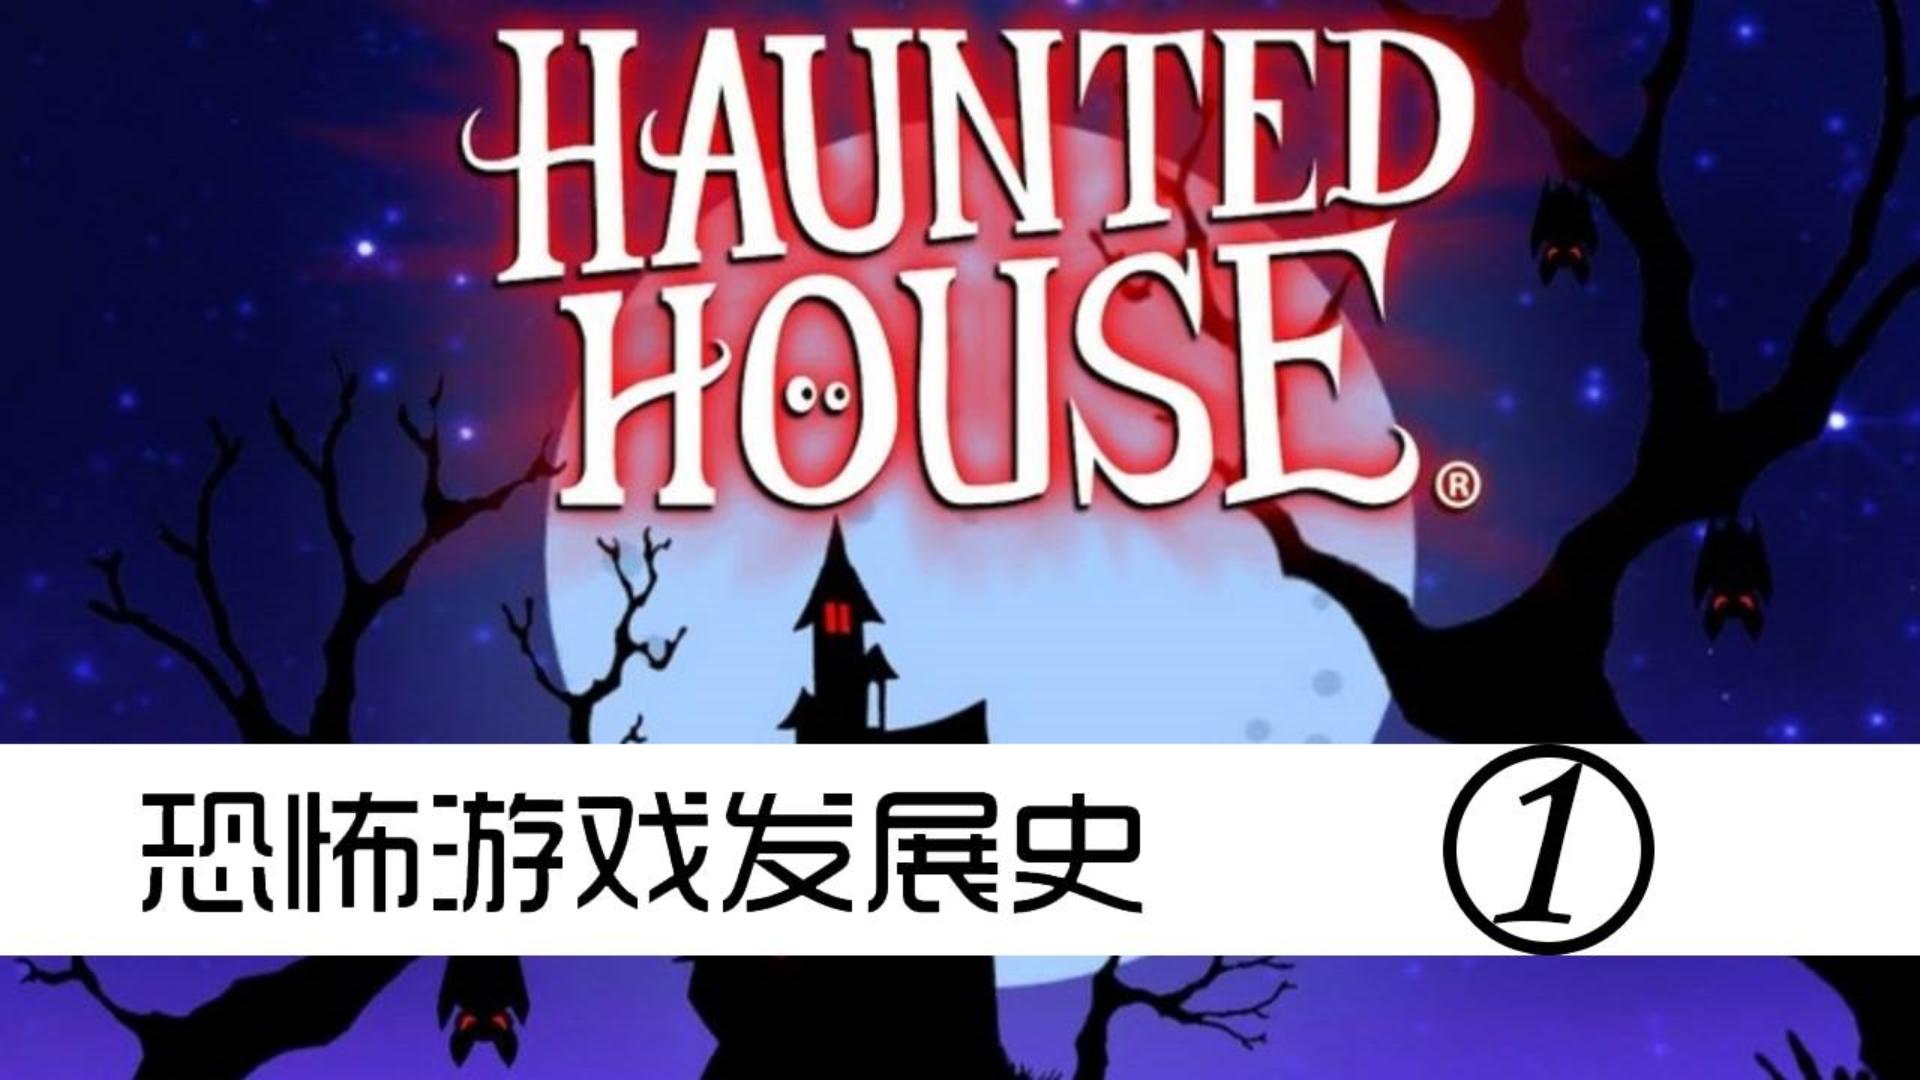 恐怖游戏发展史第1期:40年前的鬼屋,你感受到恐怖了吗